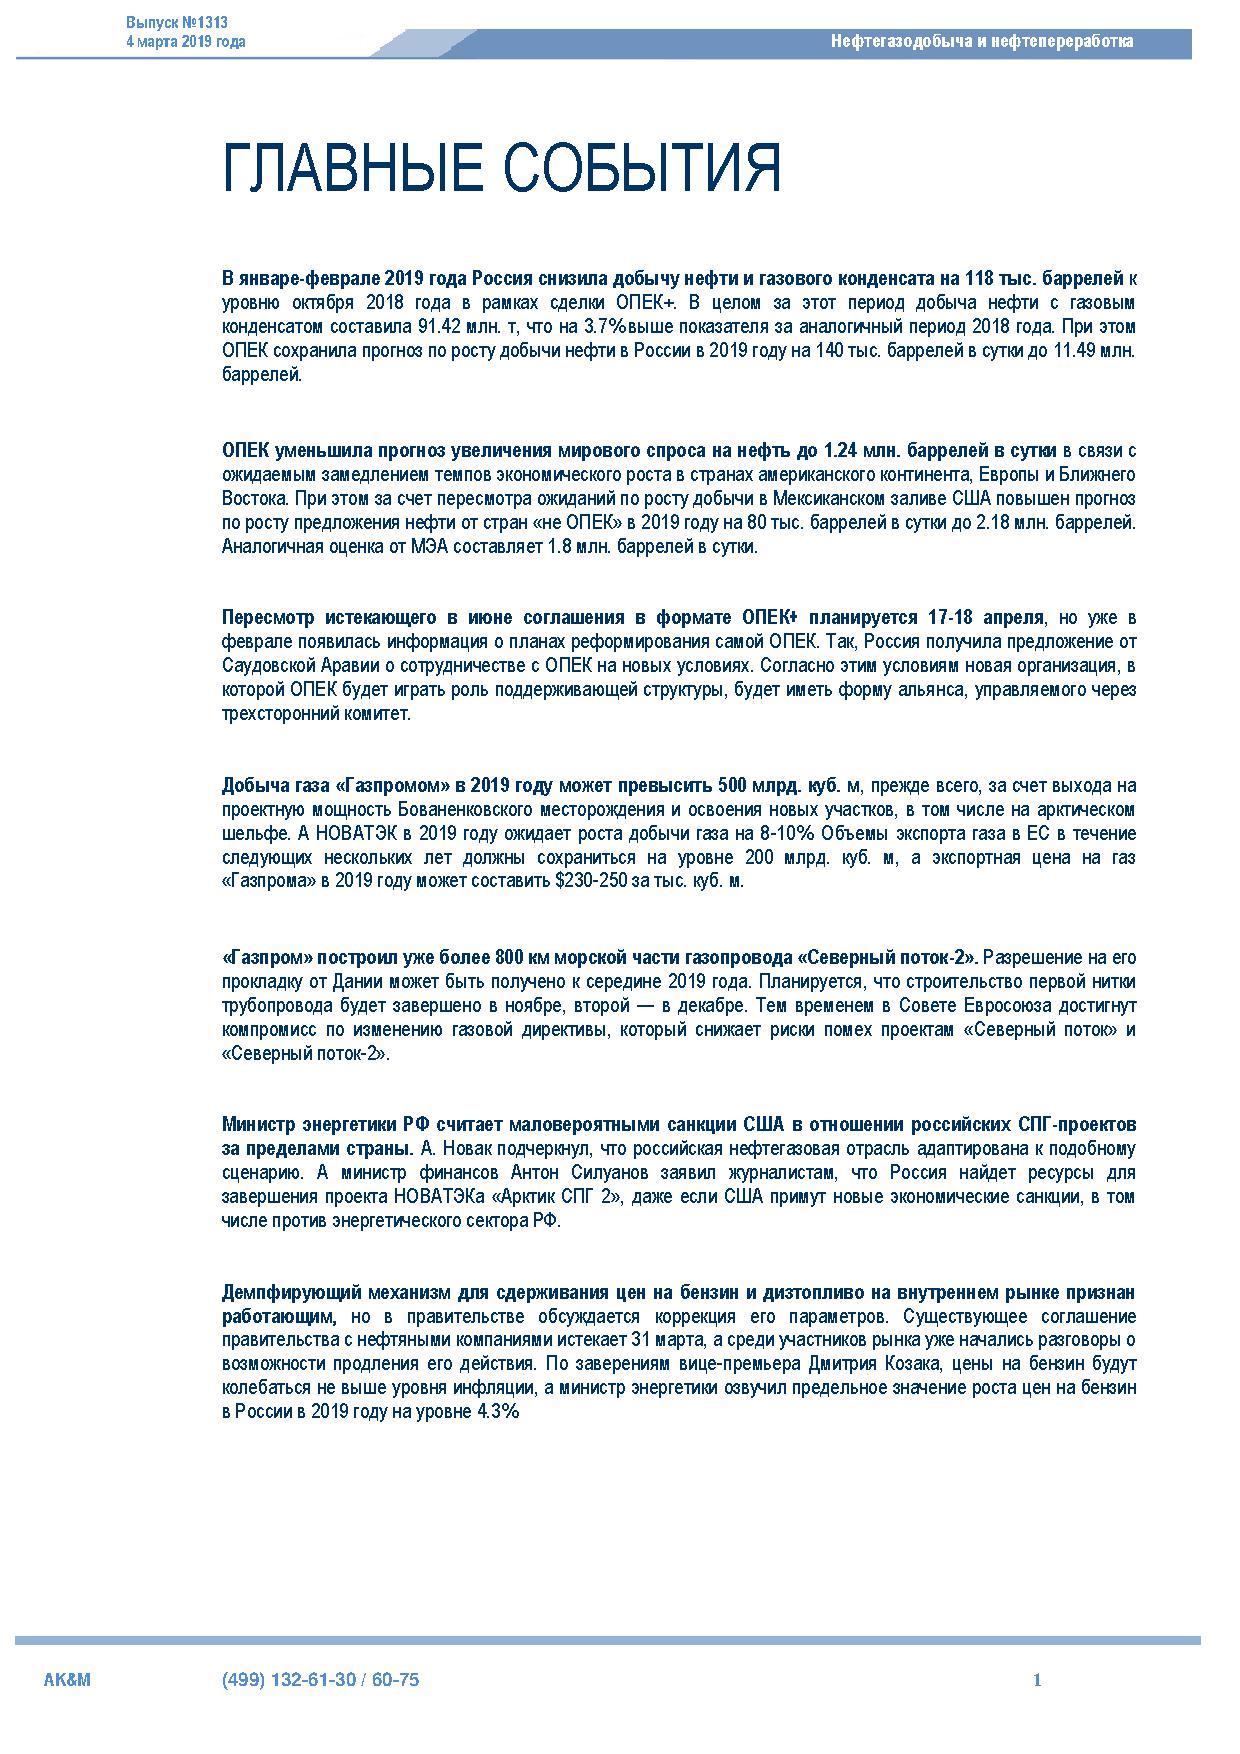 №1313 Нефтегазодобыча и нефтепереработка